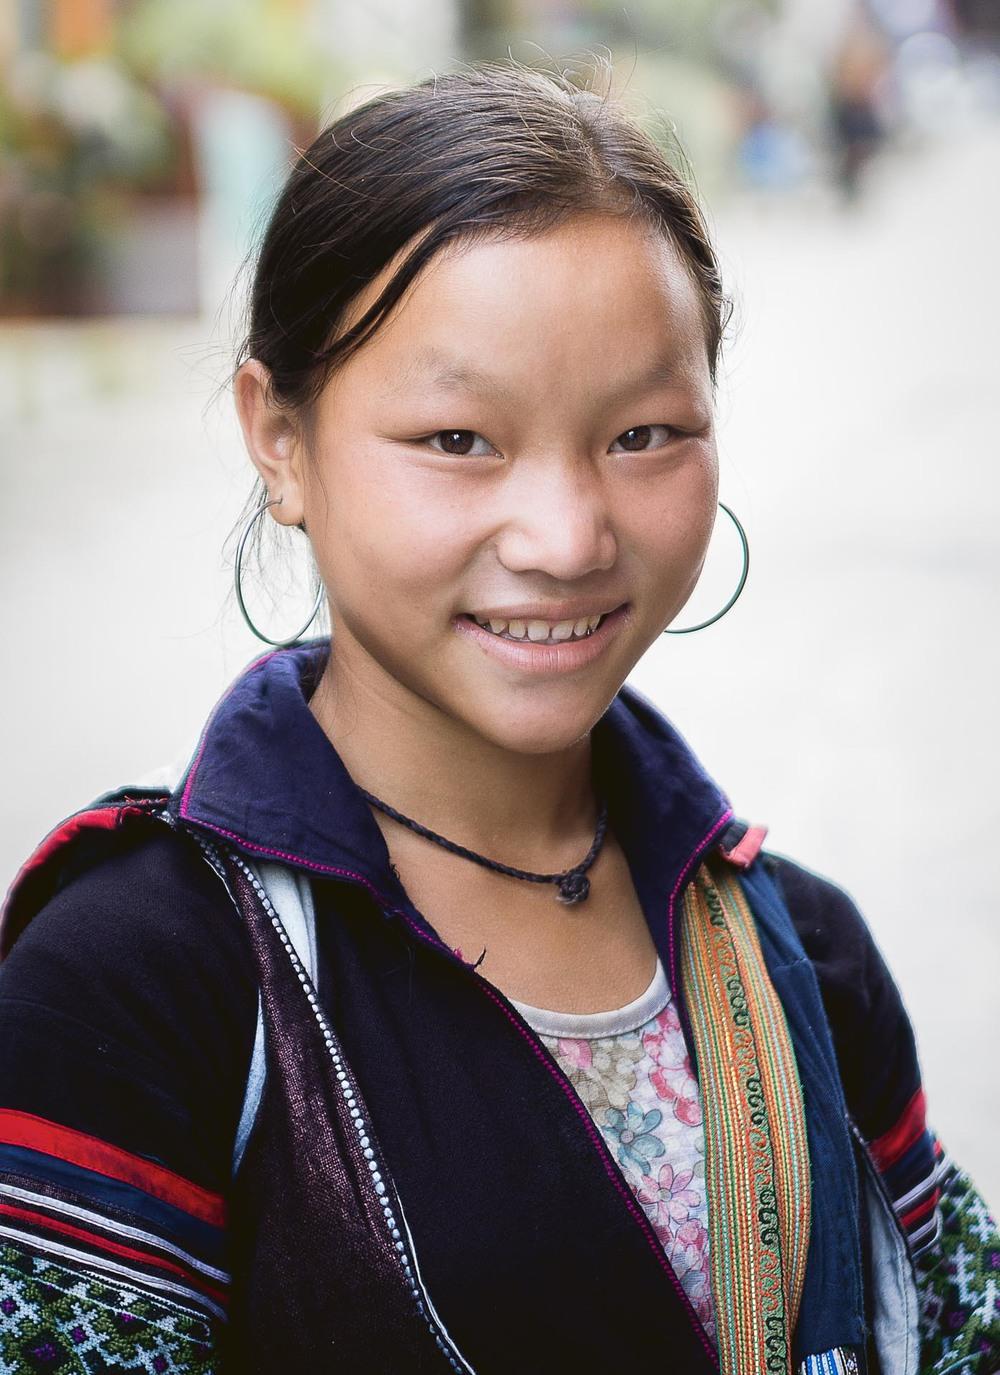 Young Hmong girl in Sa Pa. Vientam